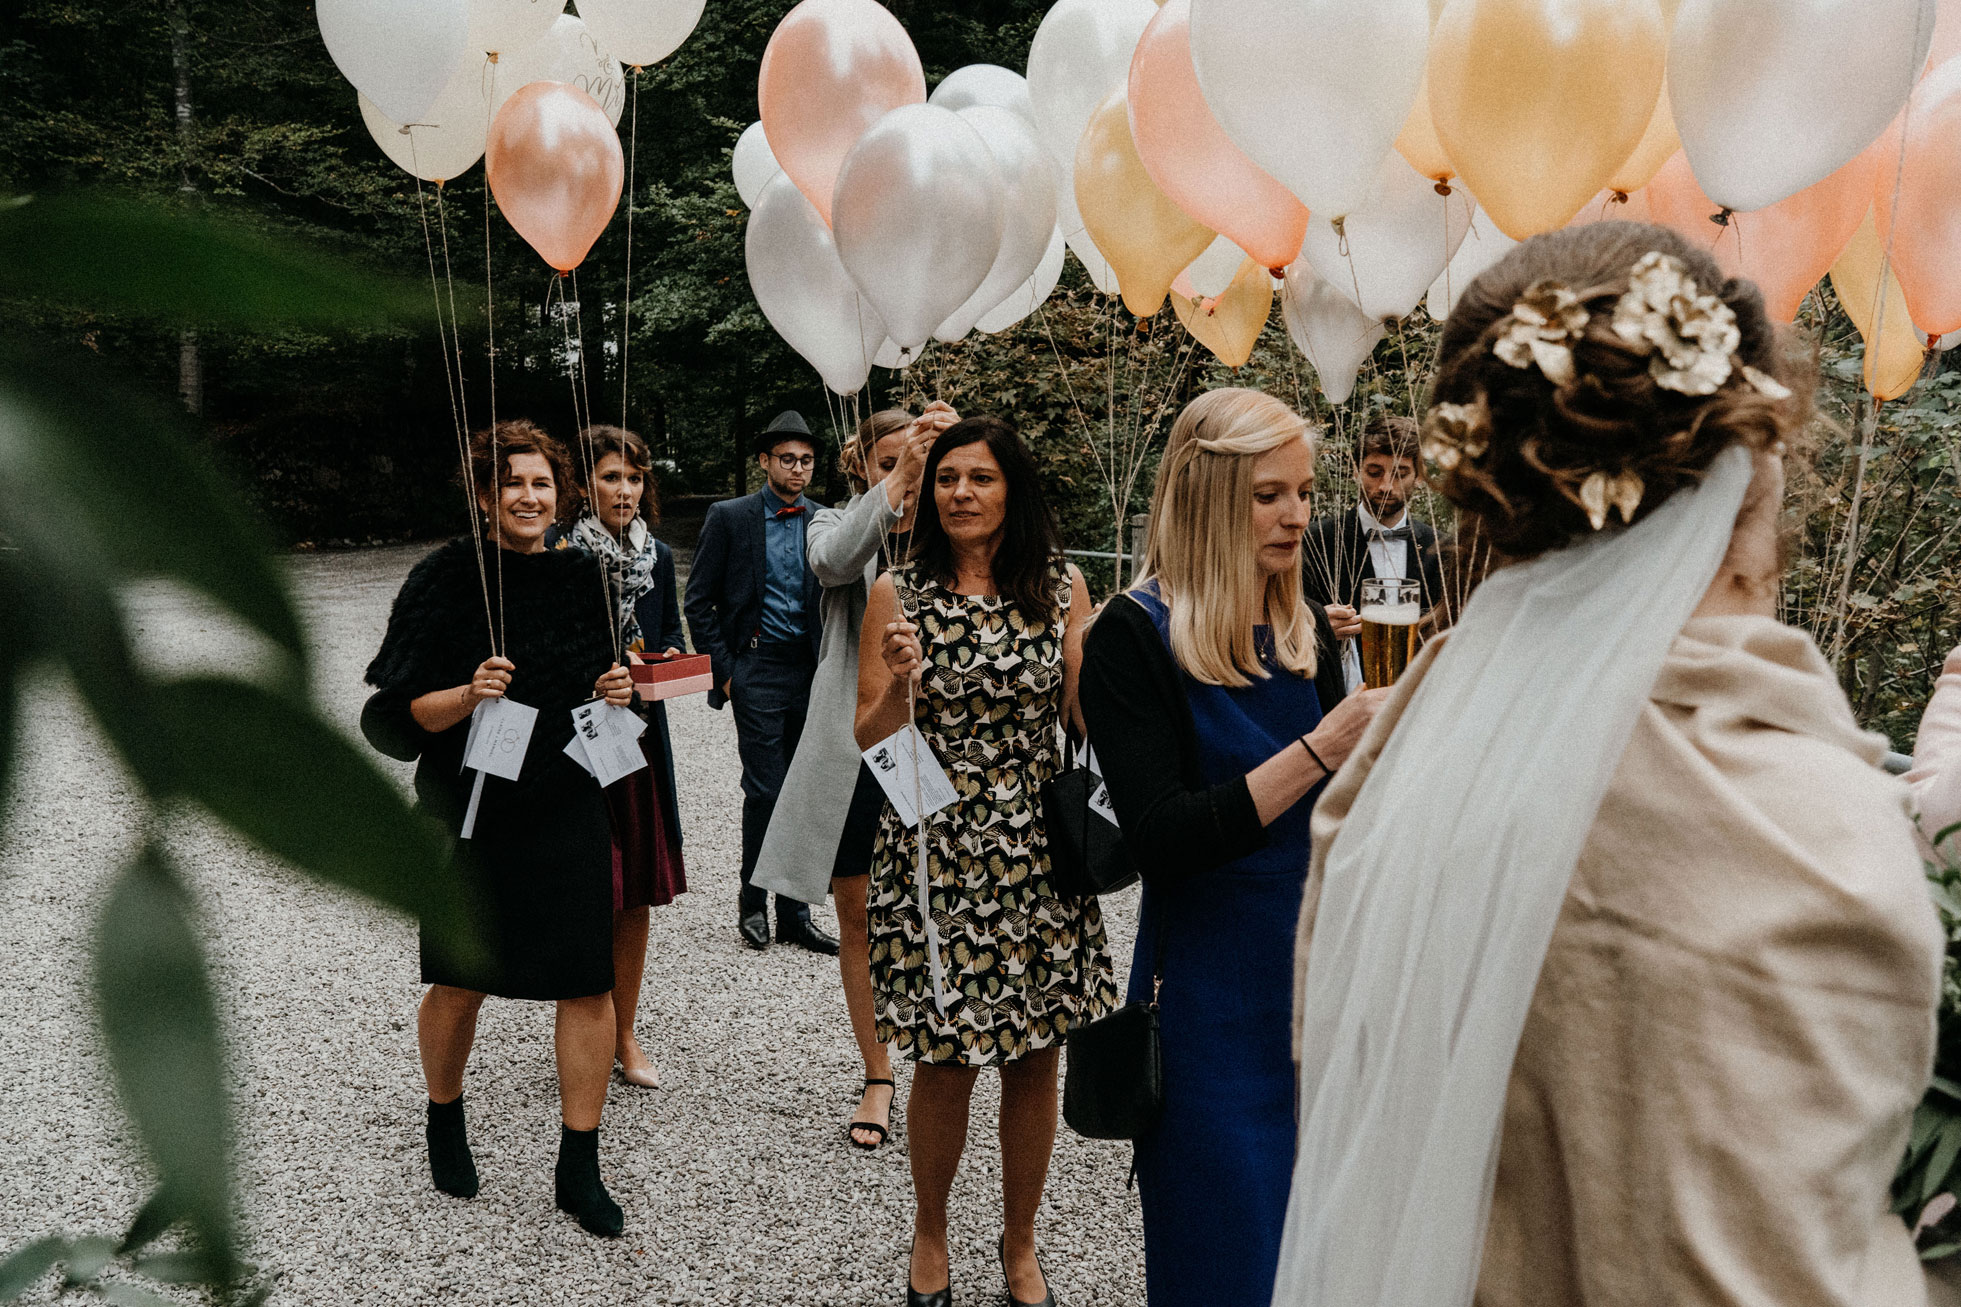 Hochzeit_Claire_Manuel_Villa_Maund_Daniel_Jenny-421.jpg